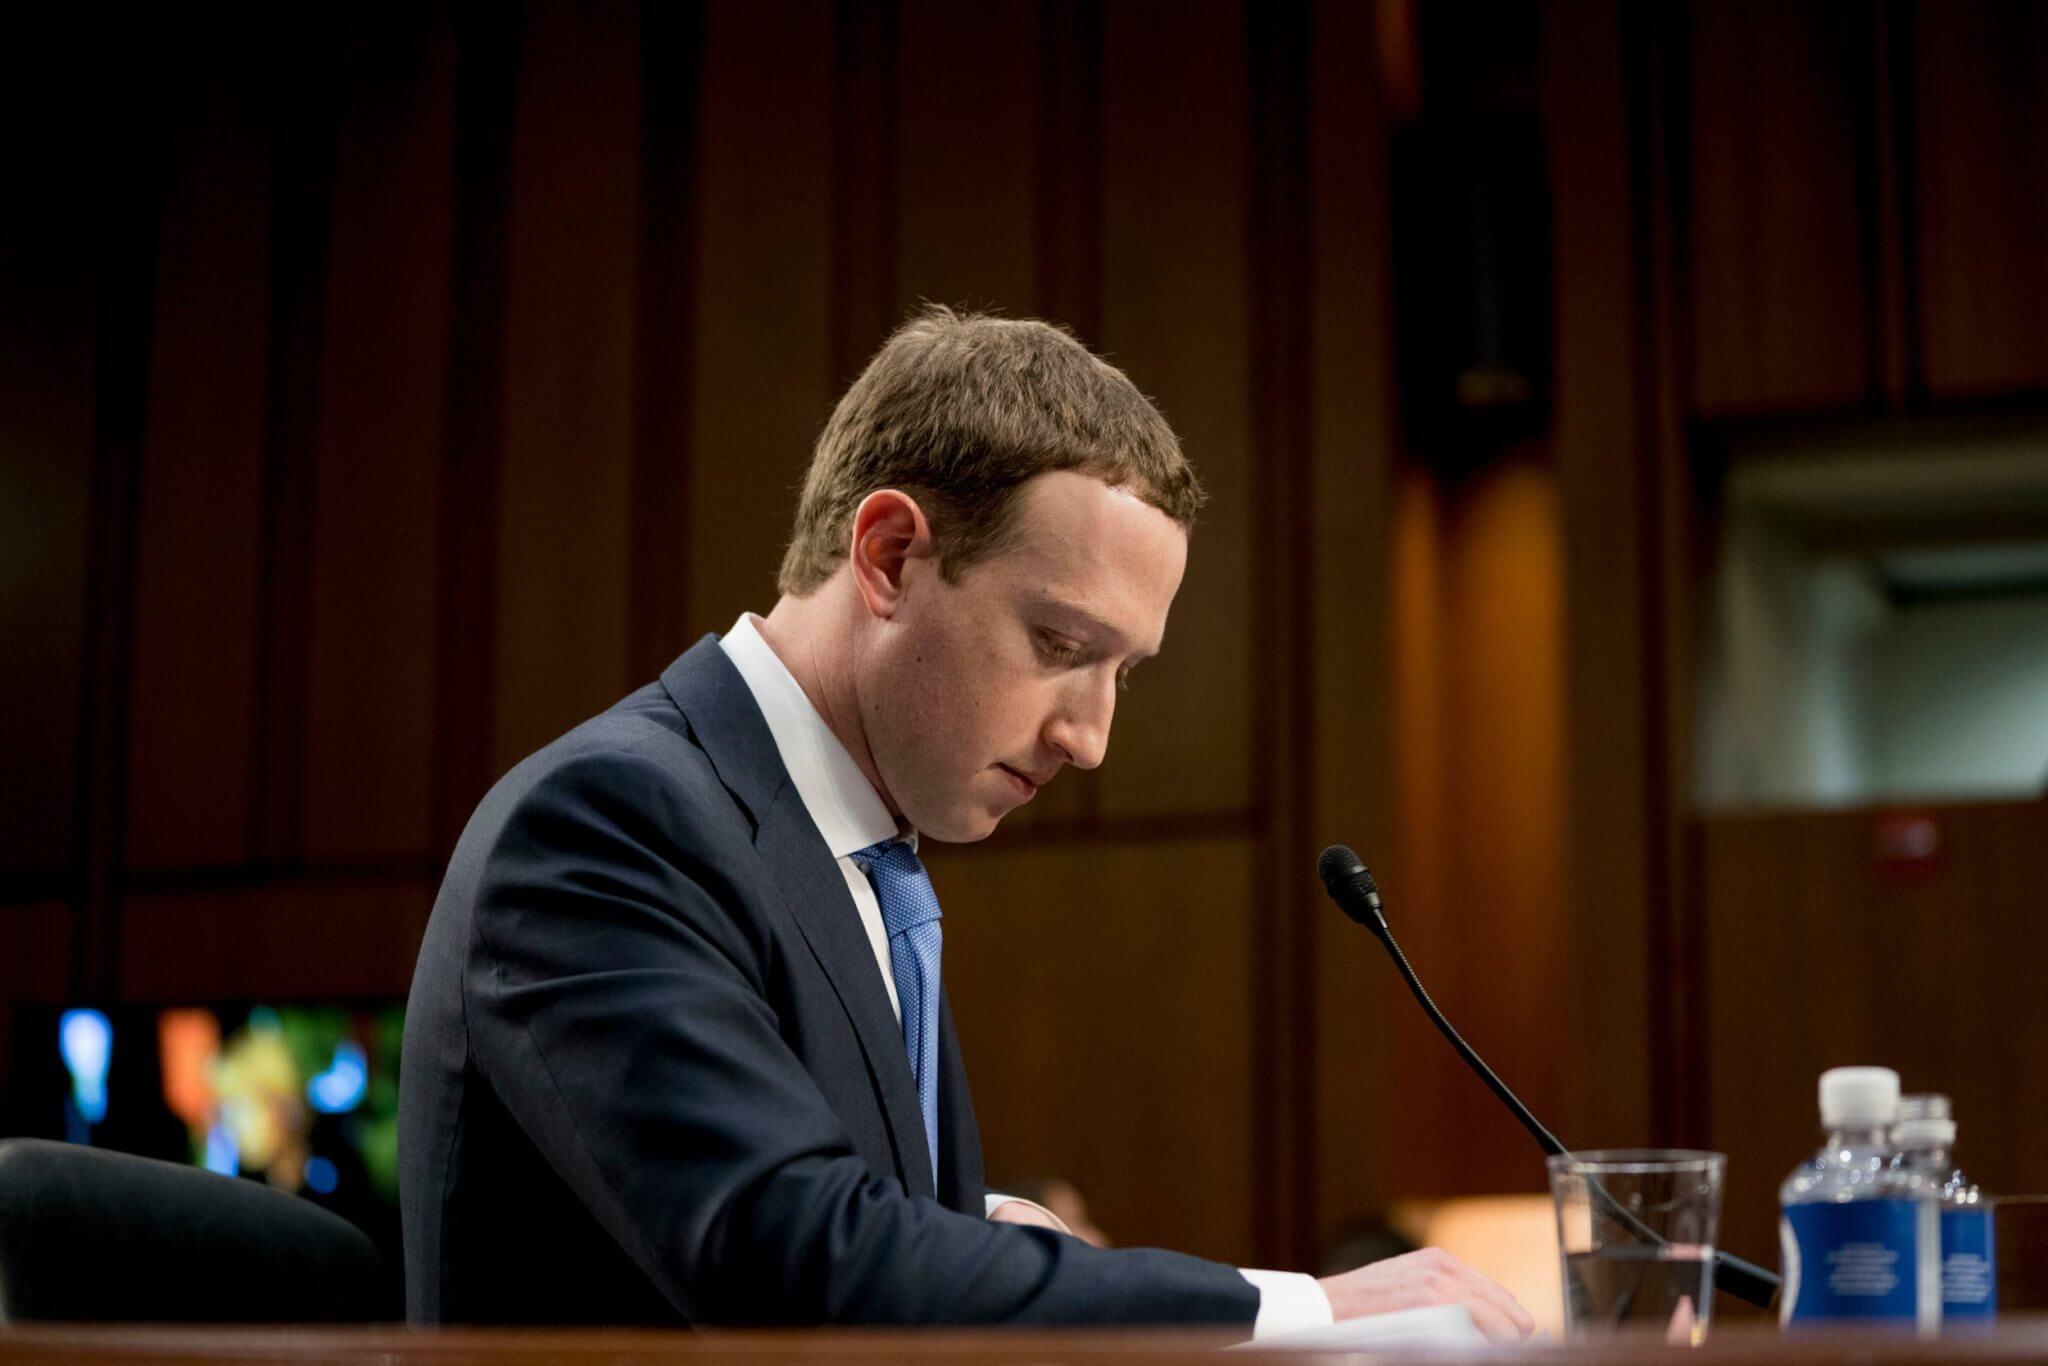 Todo lo que necesitas saber del nuevo escándalo de Facebook: 150 compañías tuvieron acceso a datos y mensajes privados